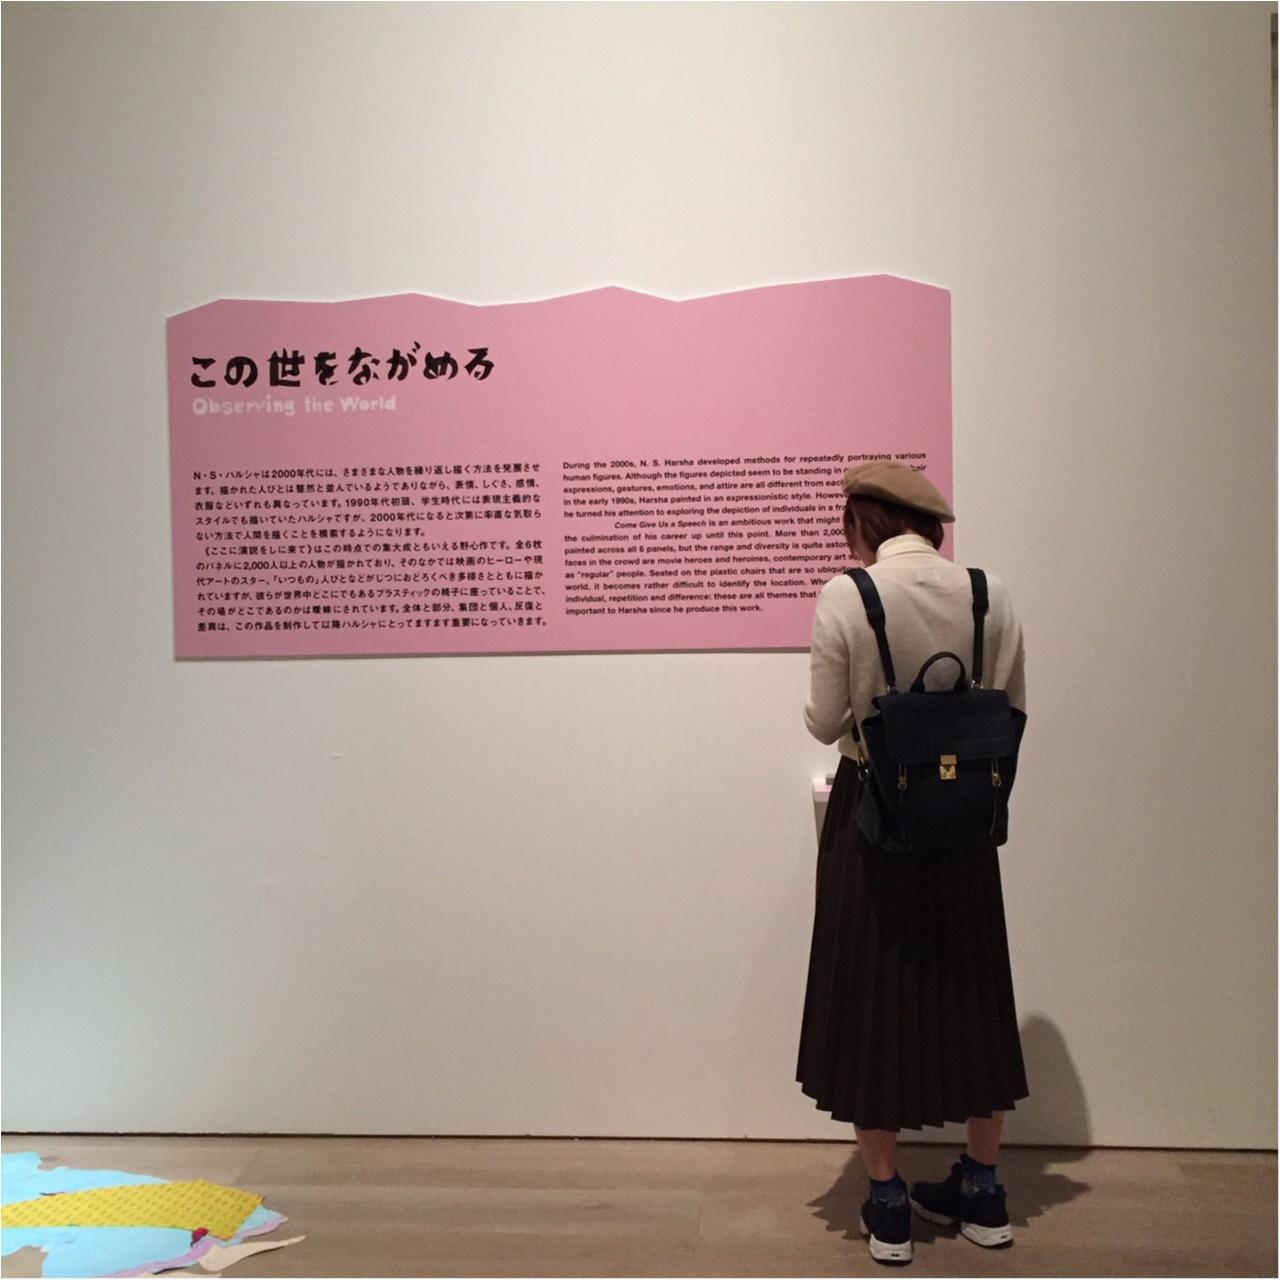 【森美術館】N・S・ハルシャ展!インドから宇宙まで、チャーミングな旅にでかけよう( ^ω^ )_2